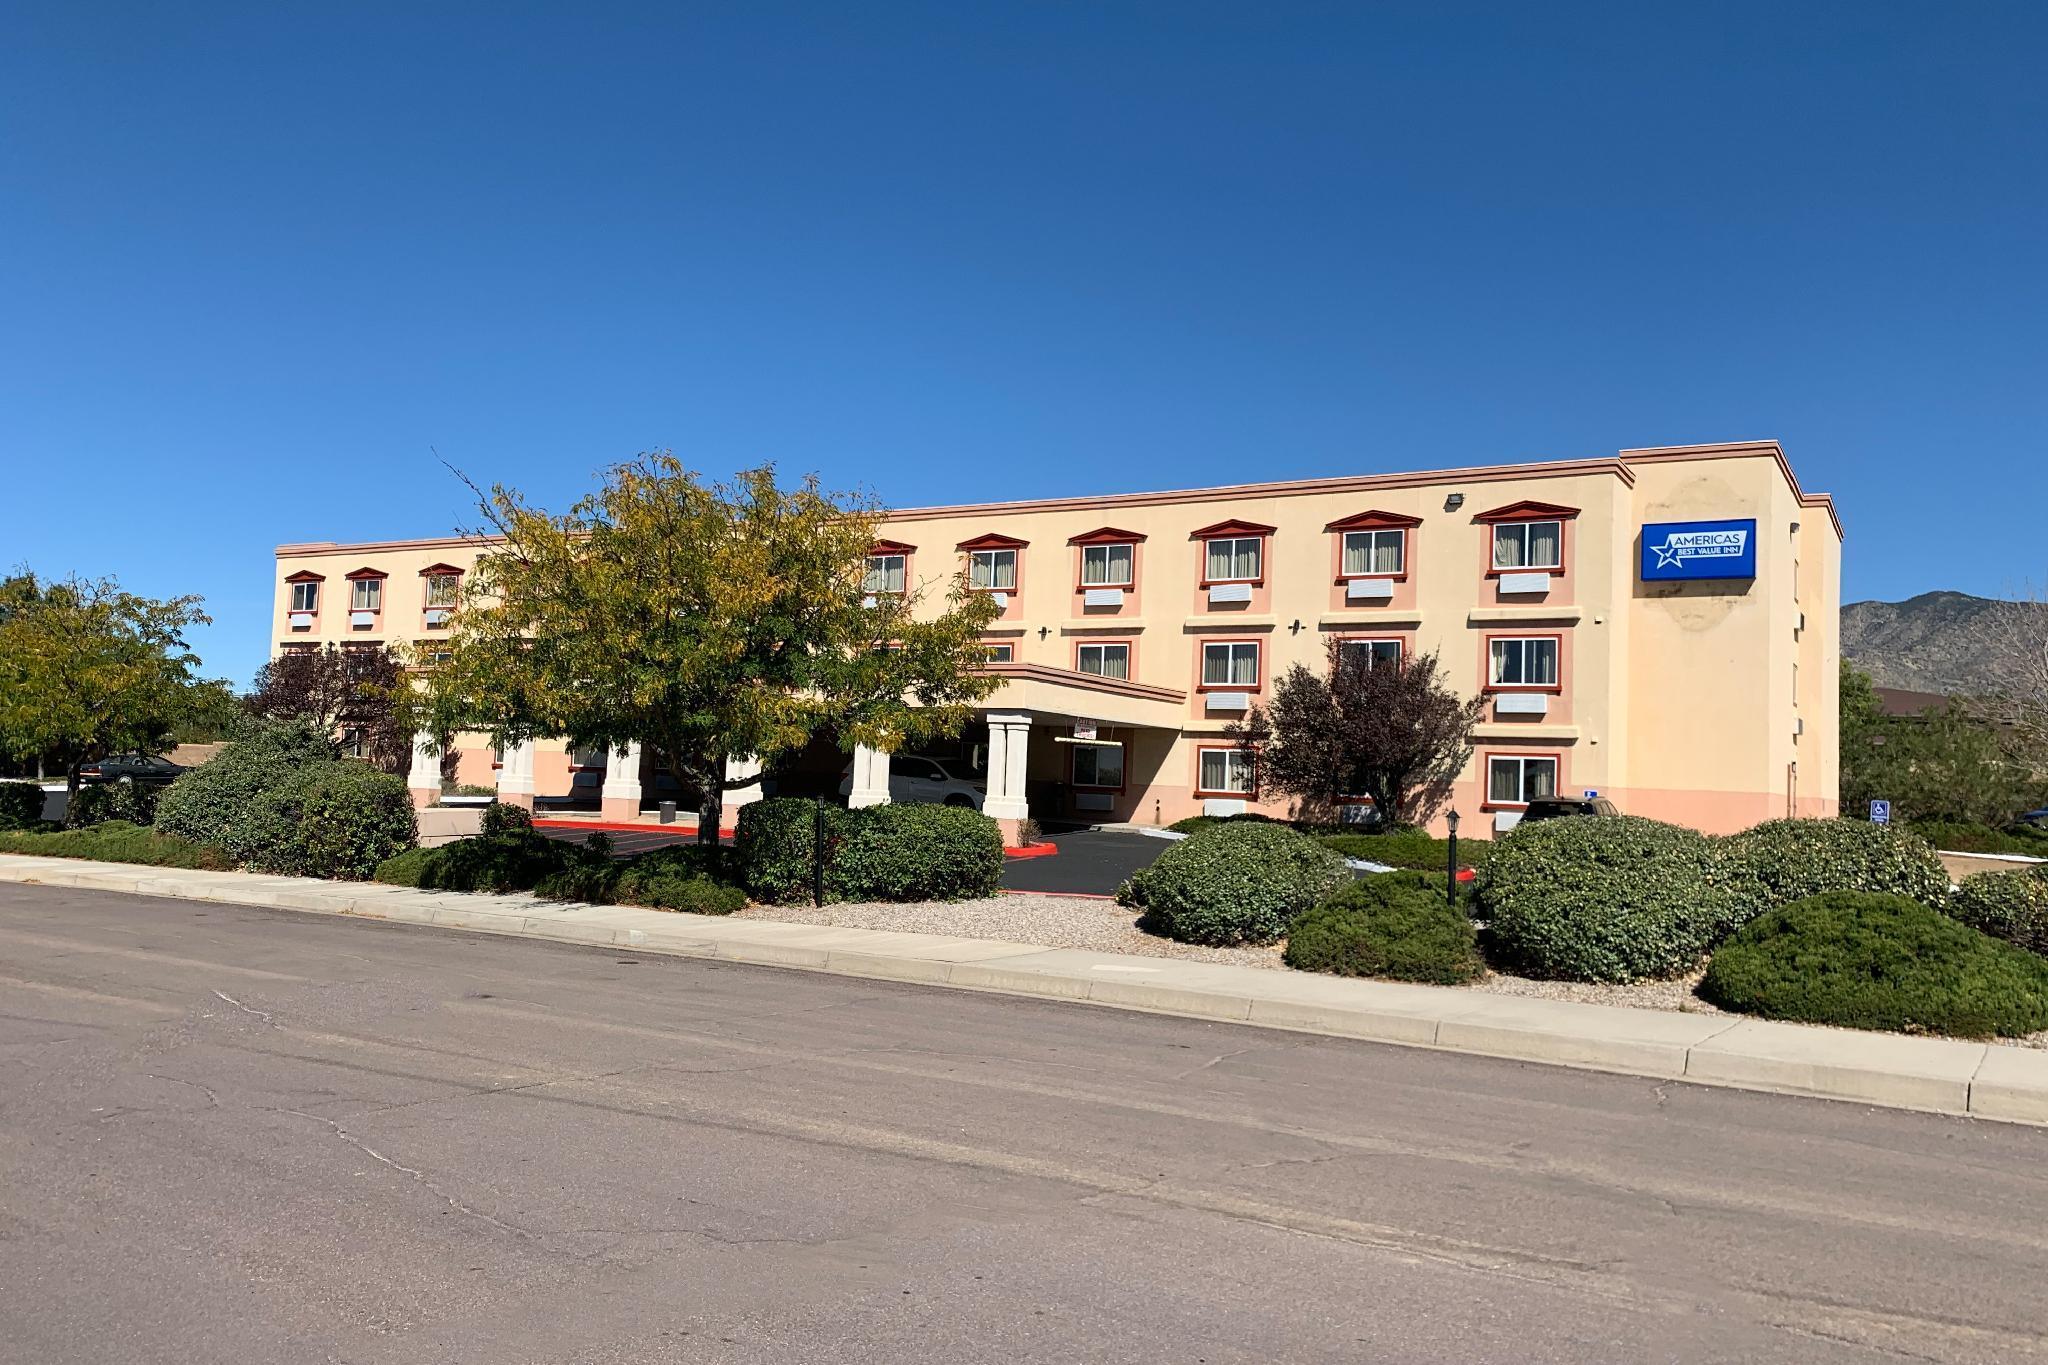 Americas Best Value Inn Albuquerque